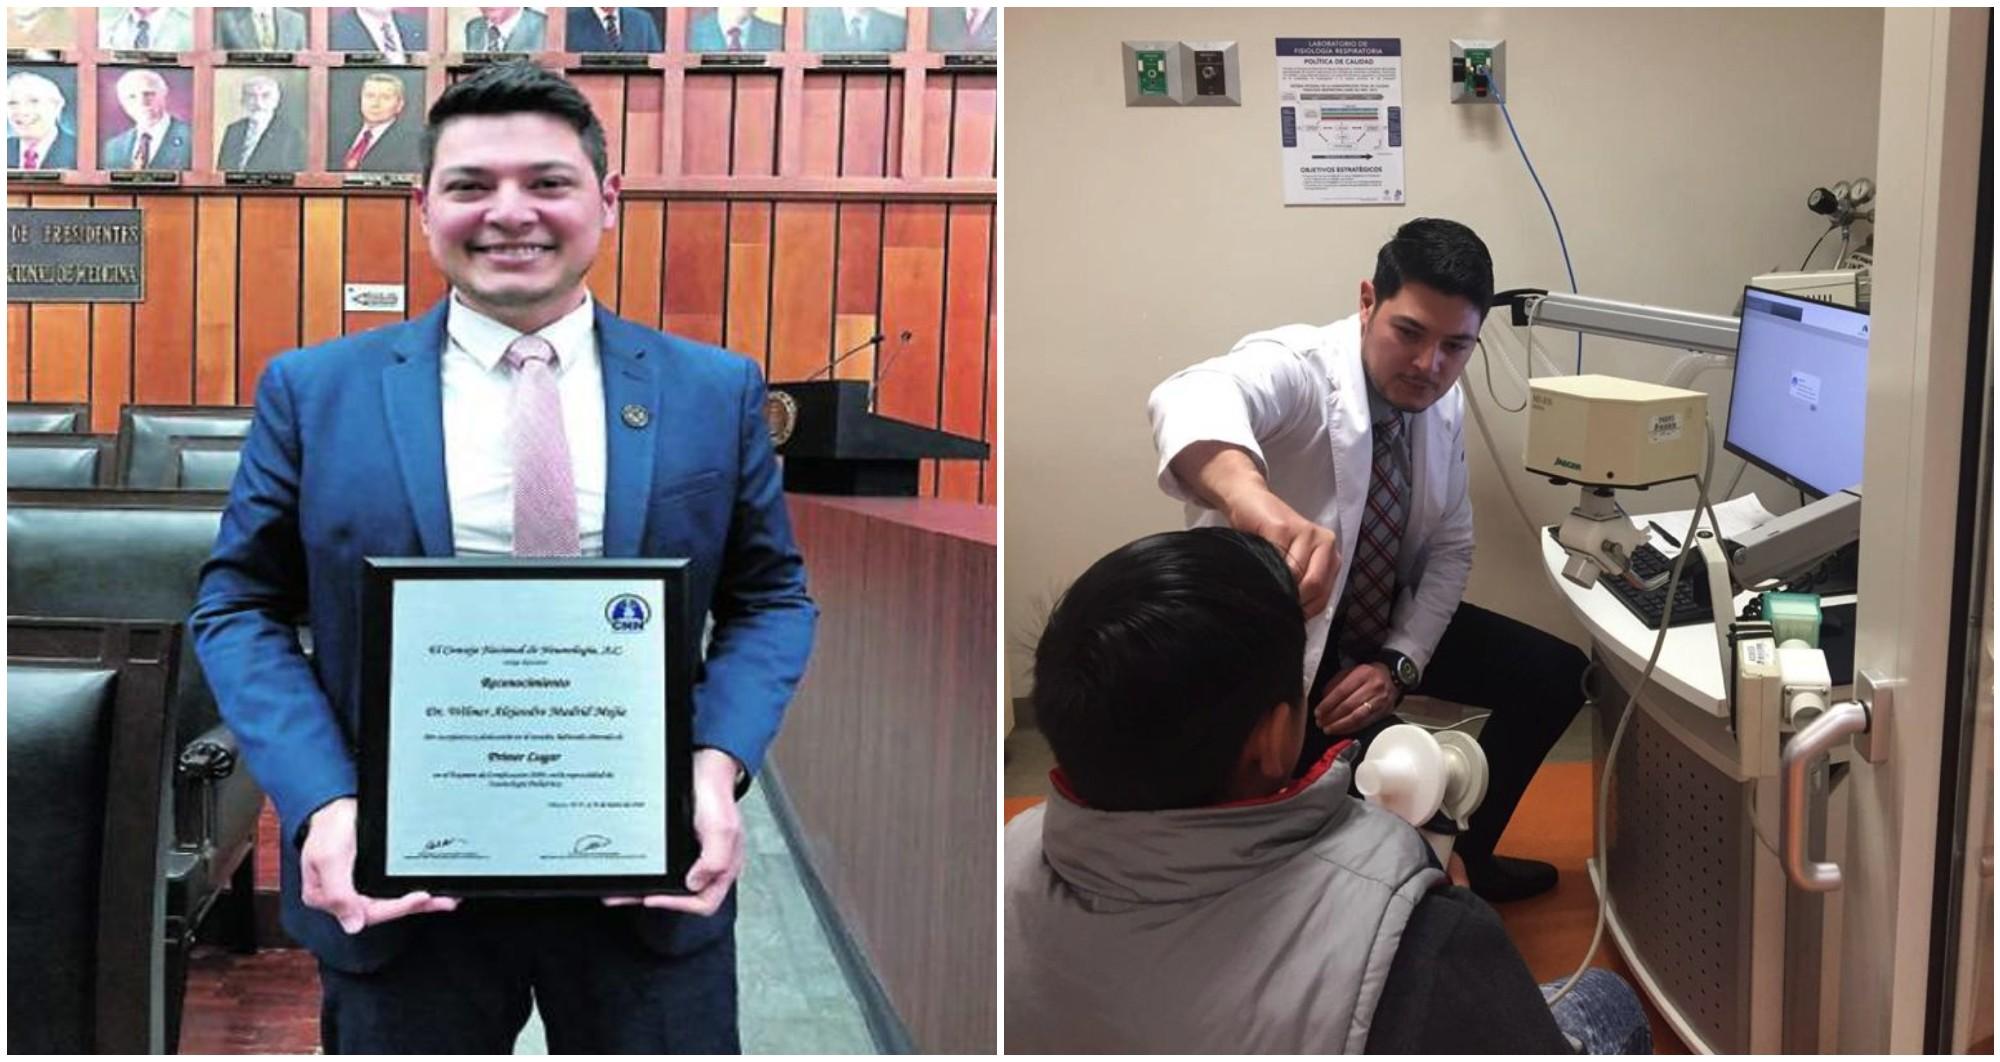 Hondureño triunfa en el extranjero como neumólogo y pediatra